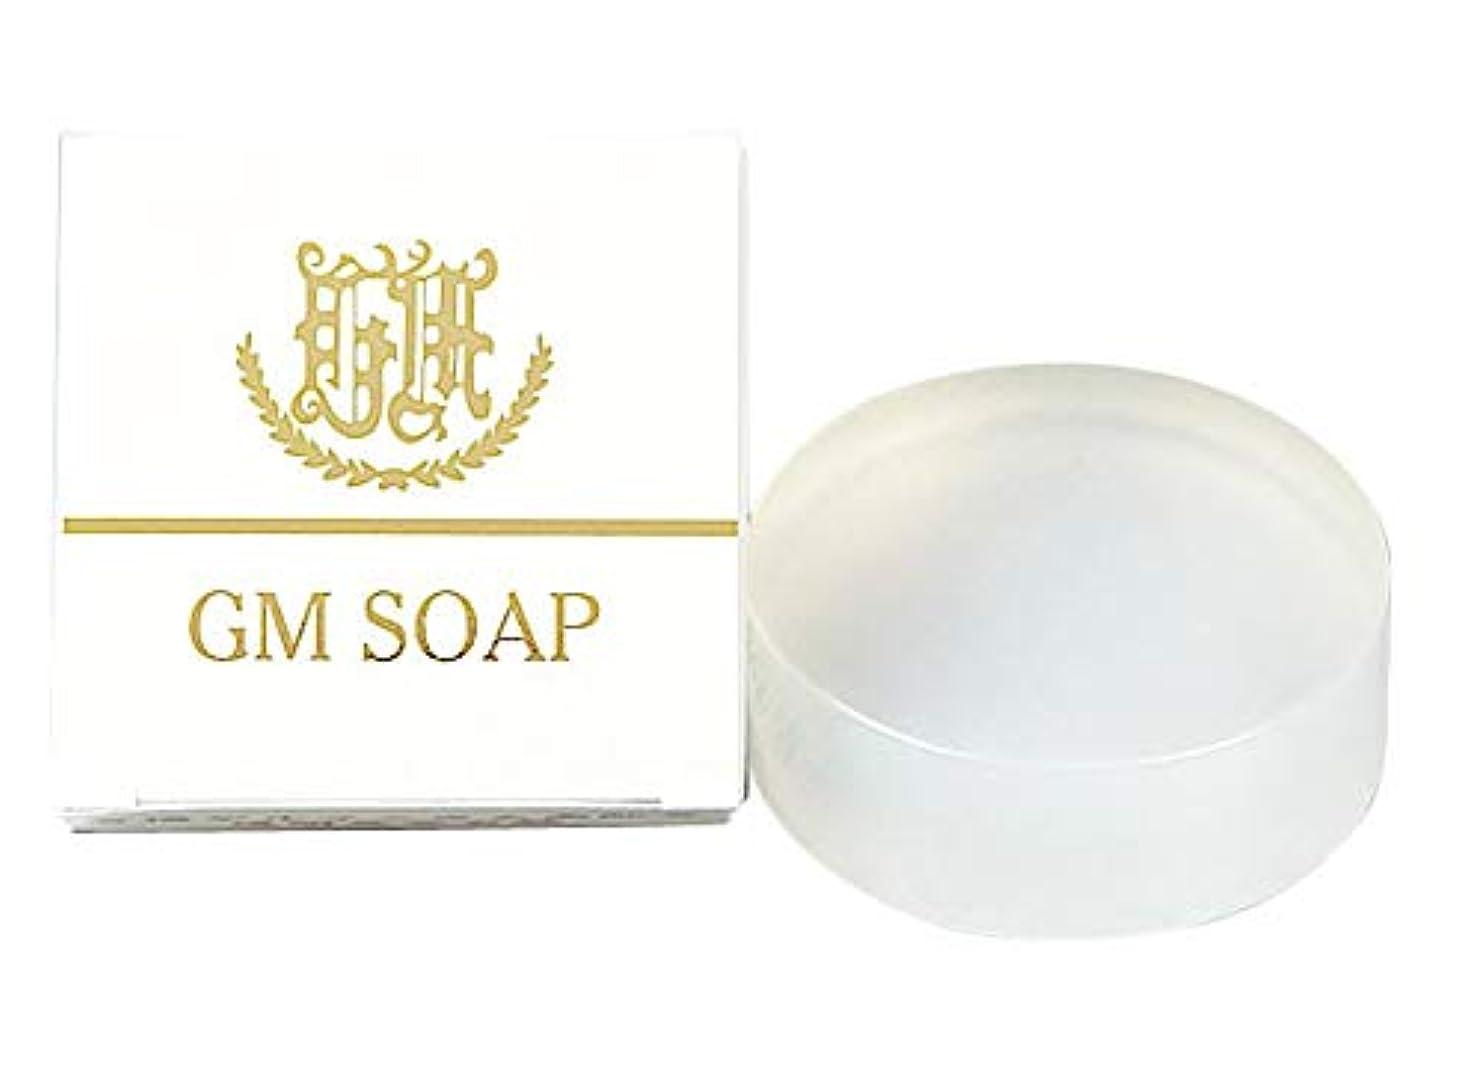 水差し視力ベンチ【GM SOAP(ジーエムソープ)】 100g